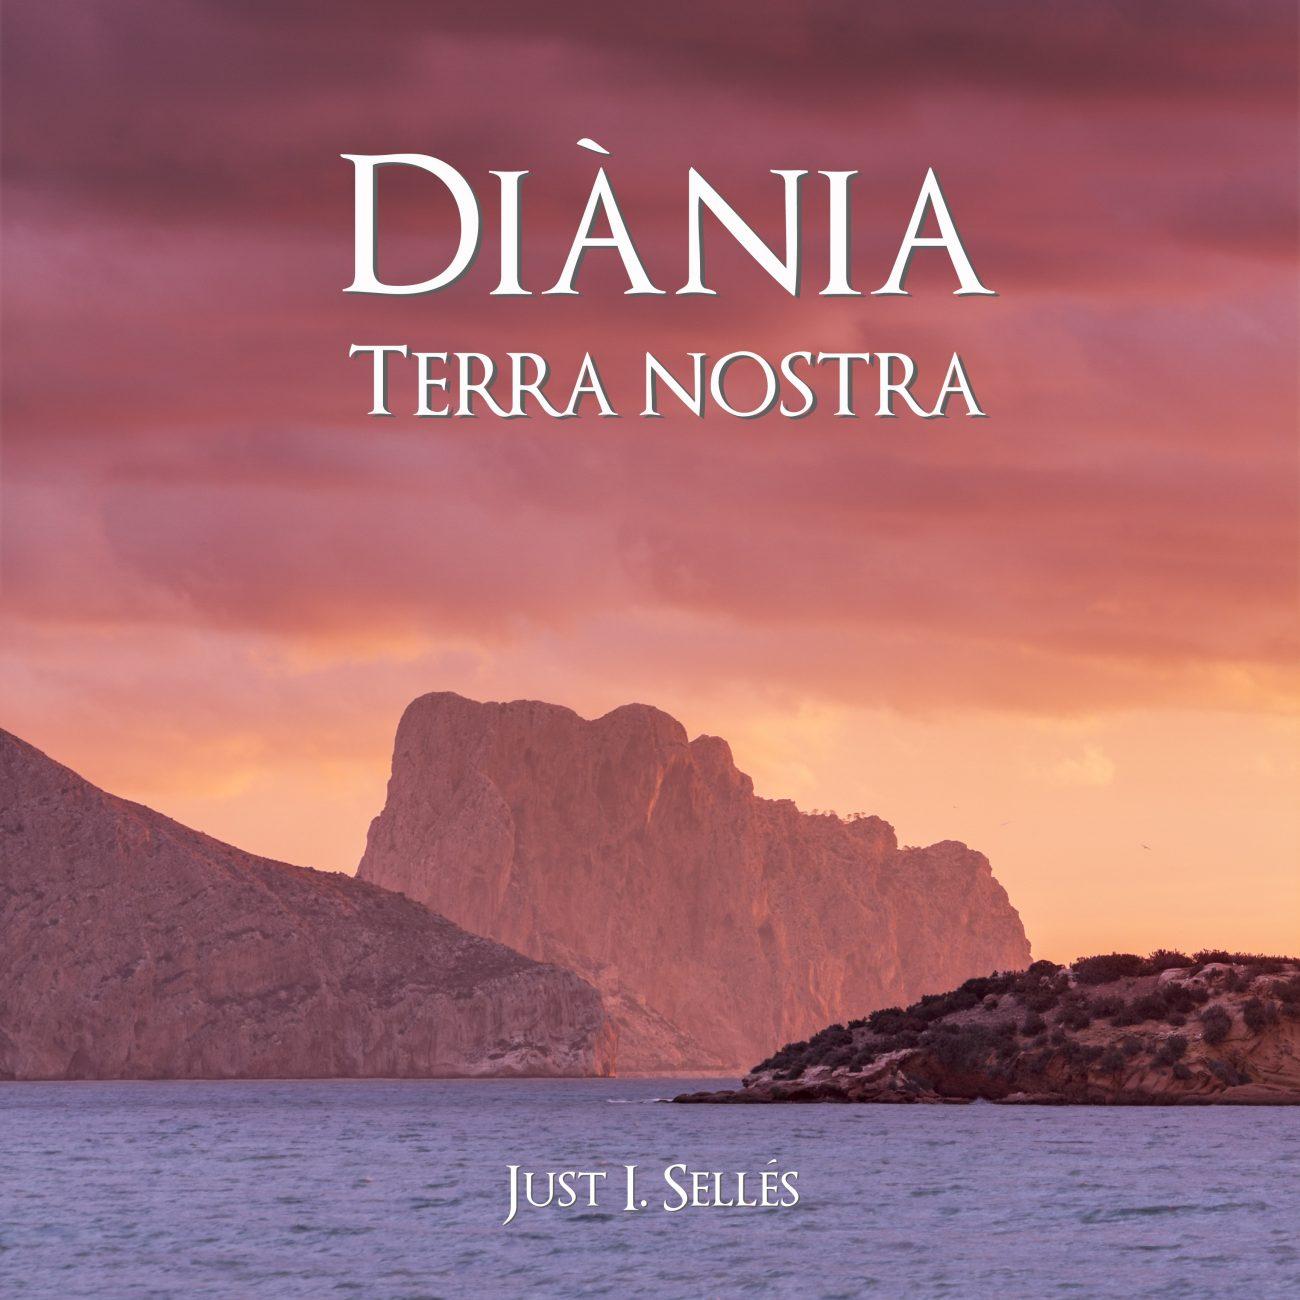 Diània, terra nostra